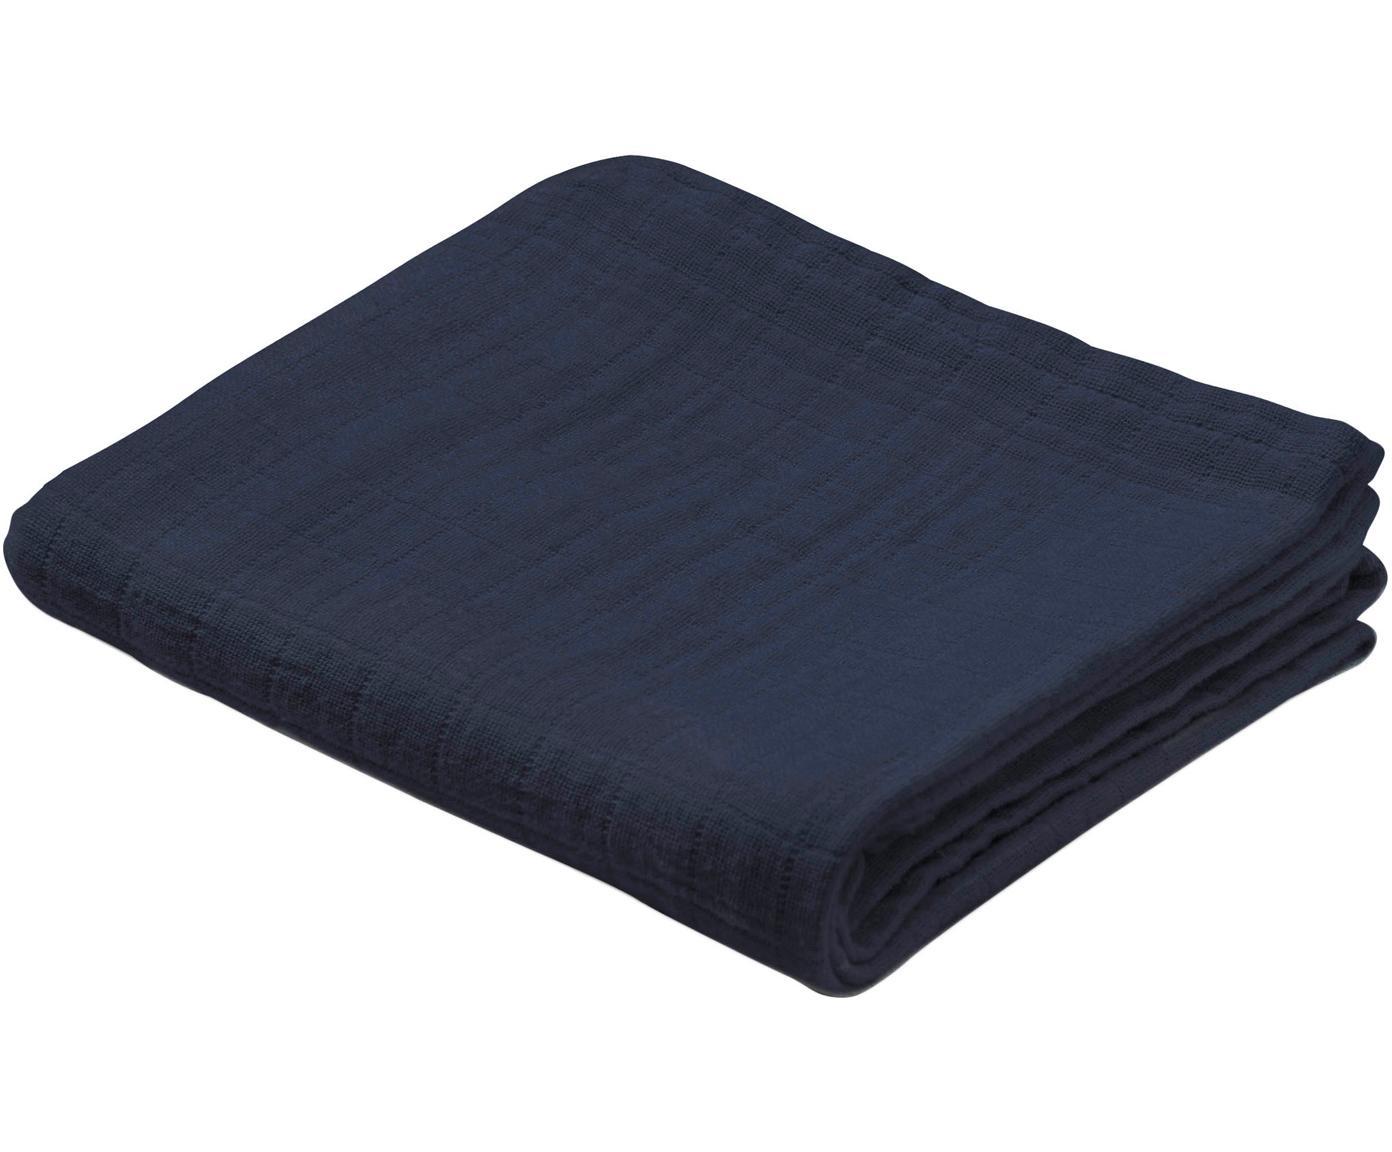 Pieluszka tetrowa z bawełny organicznej Muslin, 2 szt., Bawełna organiczna, certyfikat GOTS, Ciemny niebieski, S 70 x D 70 cm